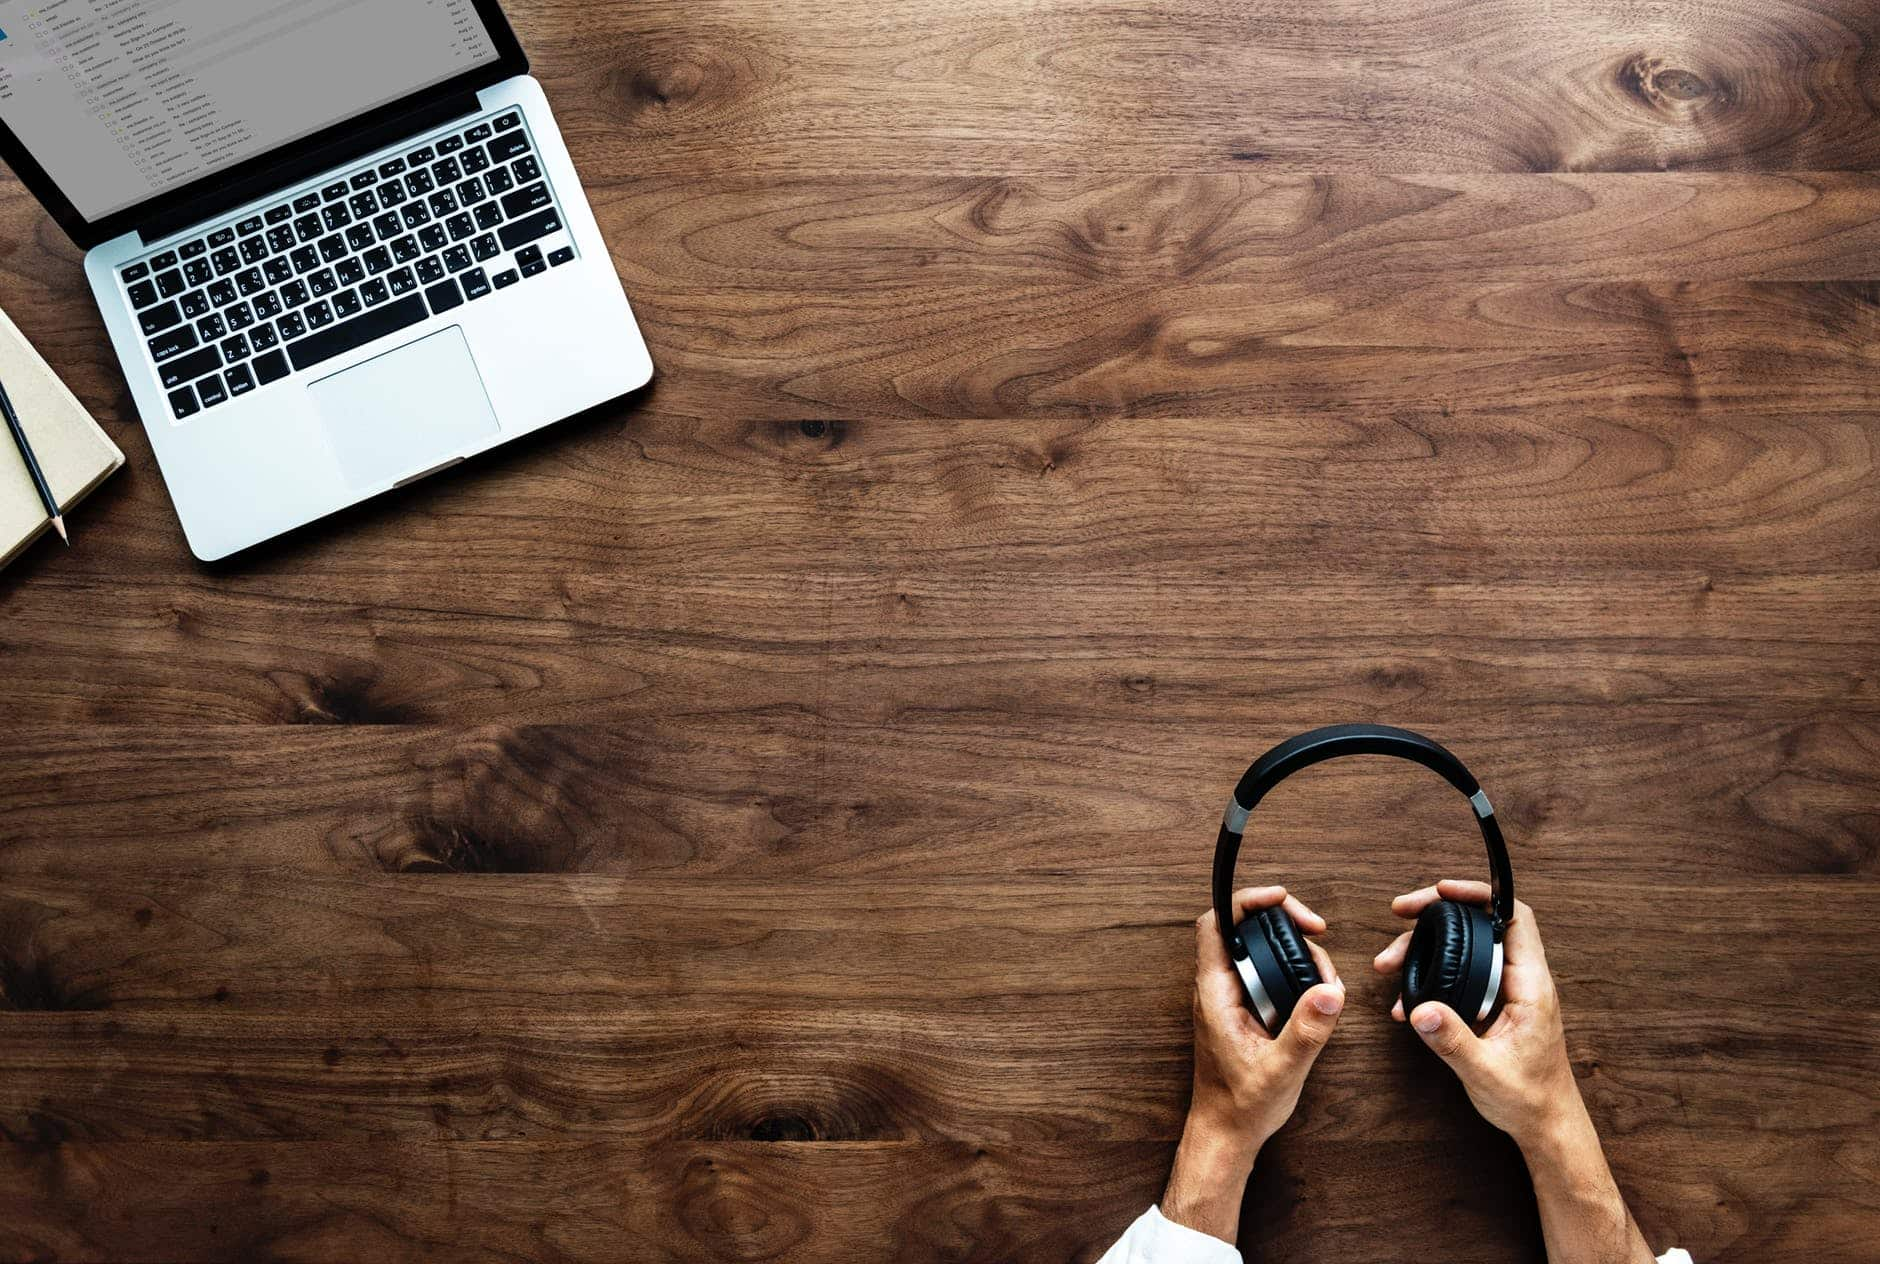 Brazilian Portuguese Podcasts